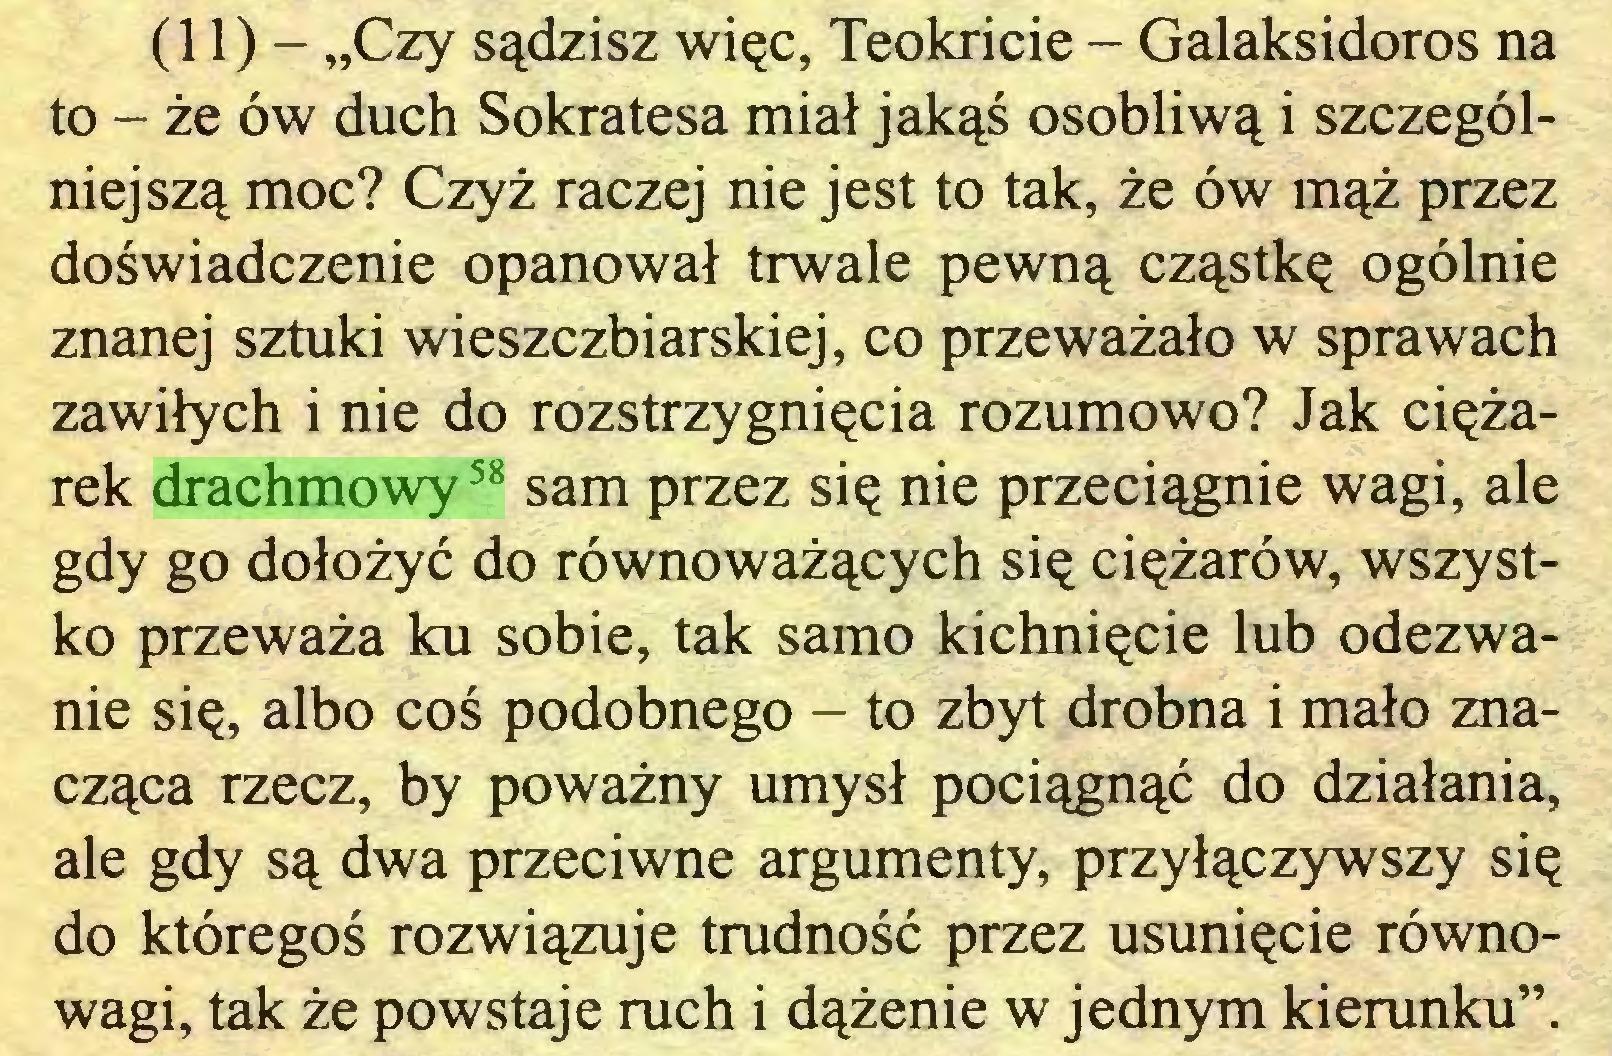 """(...) (11) - """"Czy sądzisz więc, Teokricie - Galaksidoros na to - że ów duch Sokratesa miał jakąś osobliwą i szczególniejszą moc? Czyż raczej nie jest to tak, że ów mąż przez doświadczenie opanował trwale pewną cząstkę ogólnie znanej sztuki wieszczbiarskiej, co przeważało w sprawach zawiłych i nie do rozstrzygnięcia rozumowo? Jak ciężarek drachmowy58 sam przez się nie przeciągnie wagi, ale gdy go dołożyć do równoważących się ciężarów, wszystko przeważa ku sobie, tak samo kichnięcie lub odezwanie się, albo coś podobnego - to zbyt drobna i mało znacząca rzecz, by poważny umysł pociągnąć do działania, ale gdy są dwa przeciwne argumenty, przyłączywszy się do któregoś rozwiązuje trudność przez usunięcie równowagi, tak że powstaje ruch i dążenie w jednym kierunku""""..."""